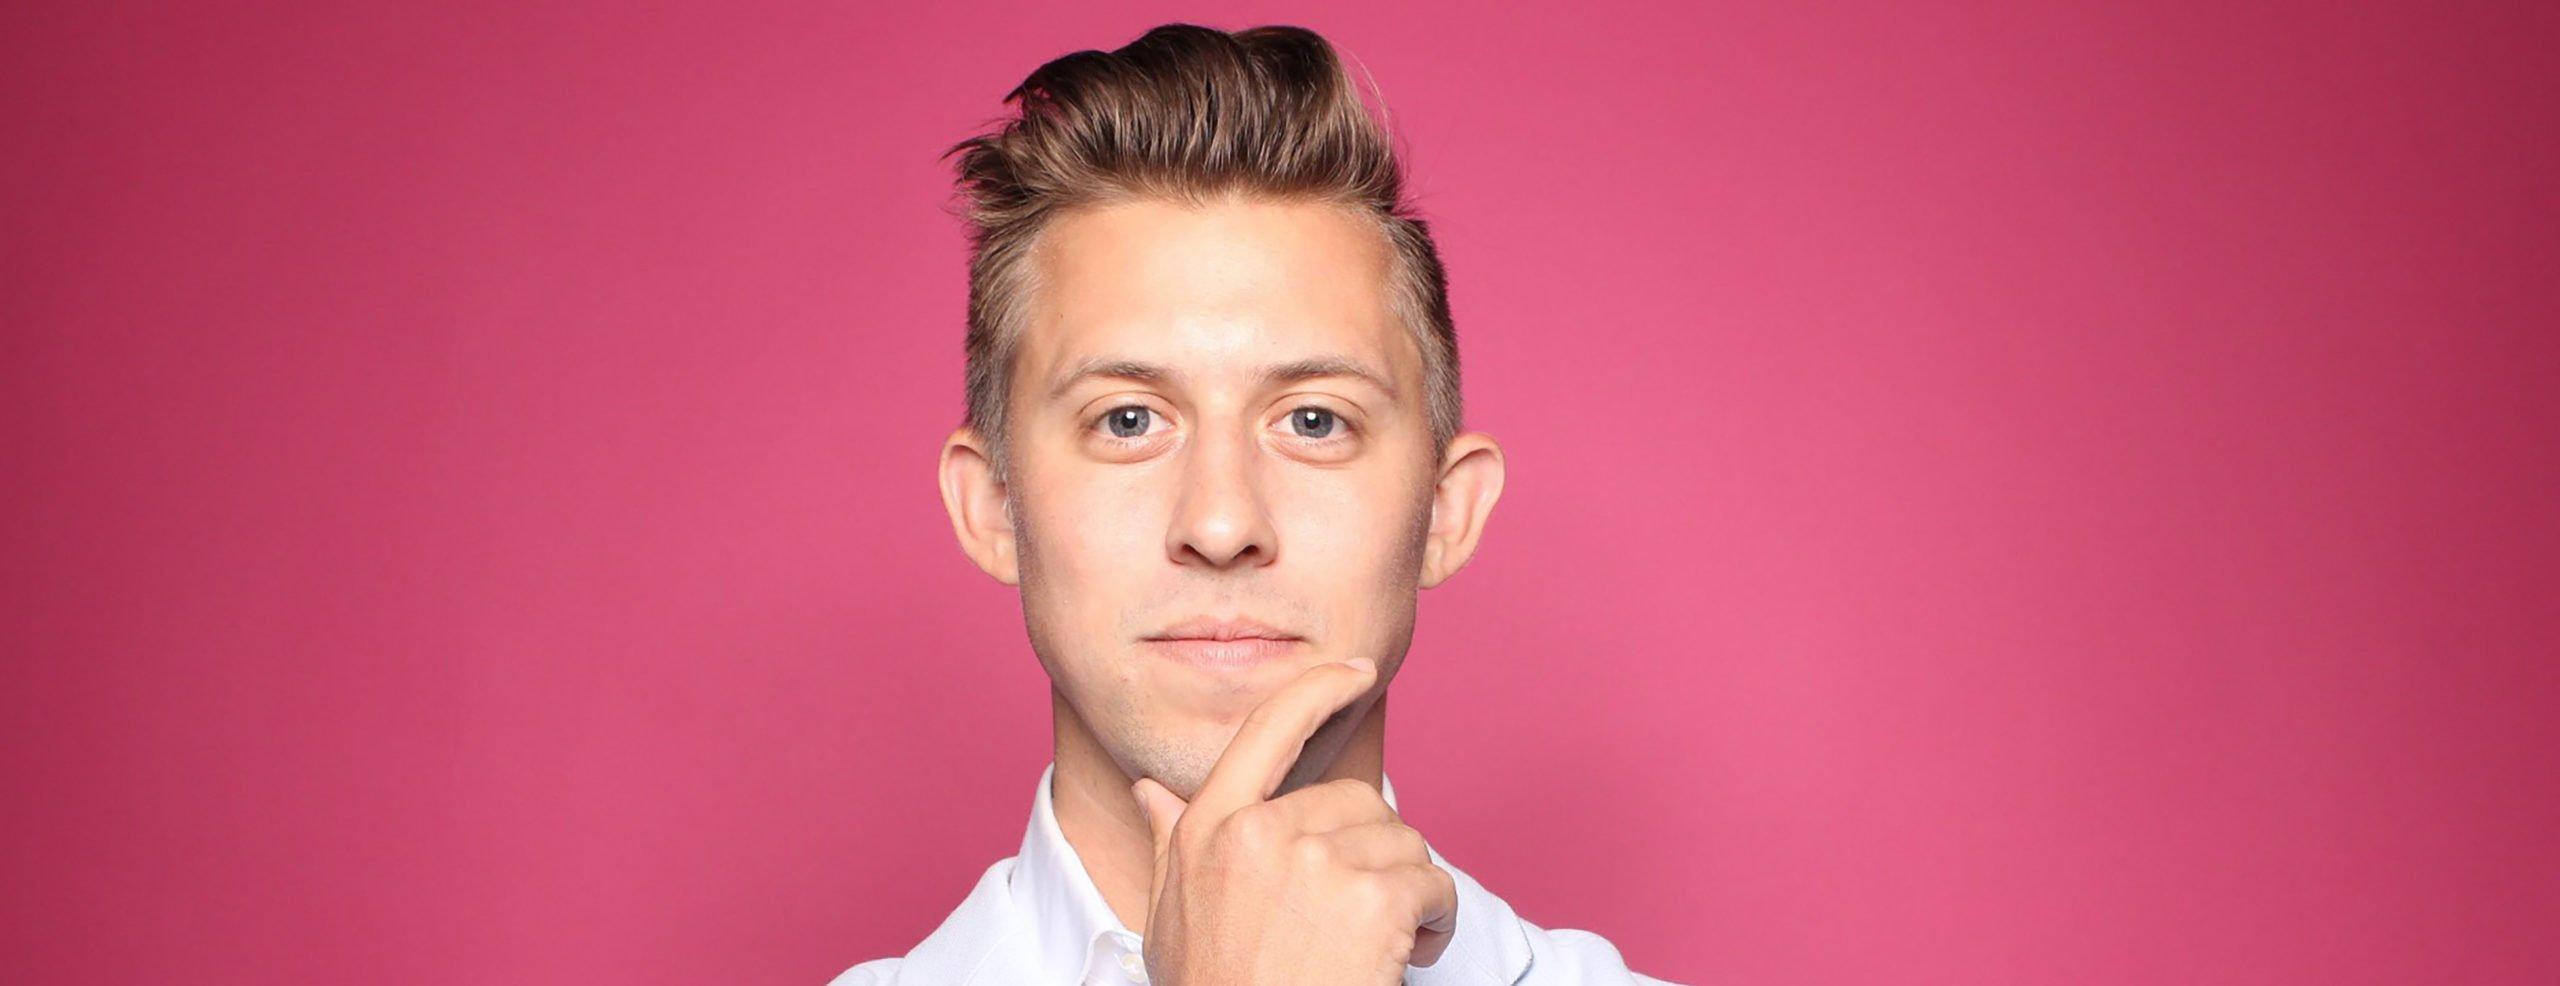 Ein junger, weißer Mann steht vor einem farbigen Hintergrund und greift sich fragend ins Gesicht